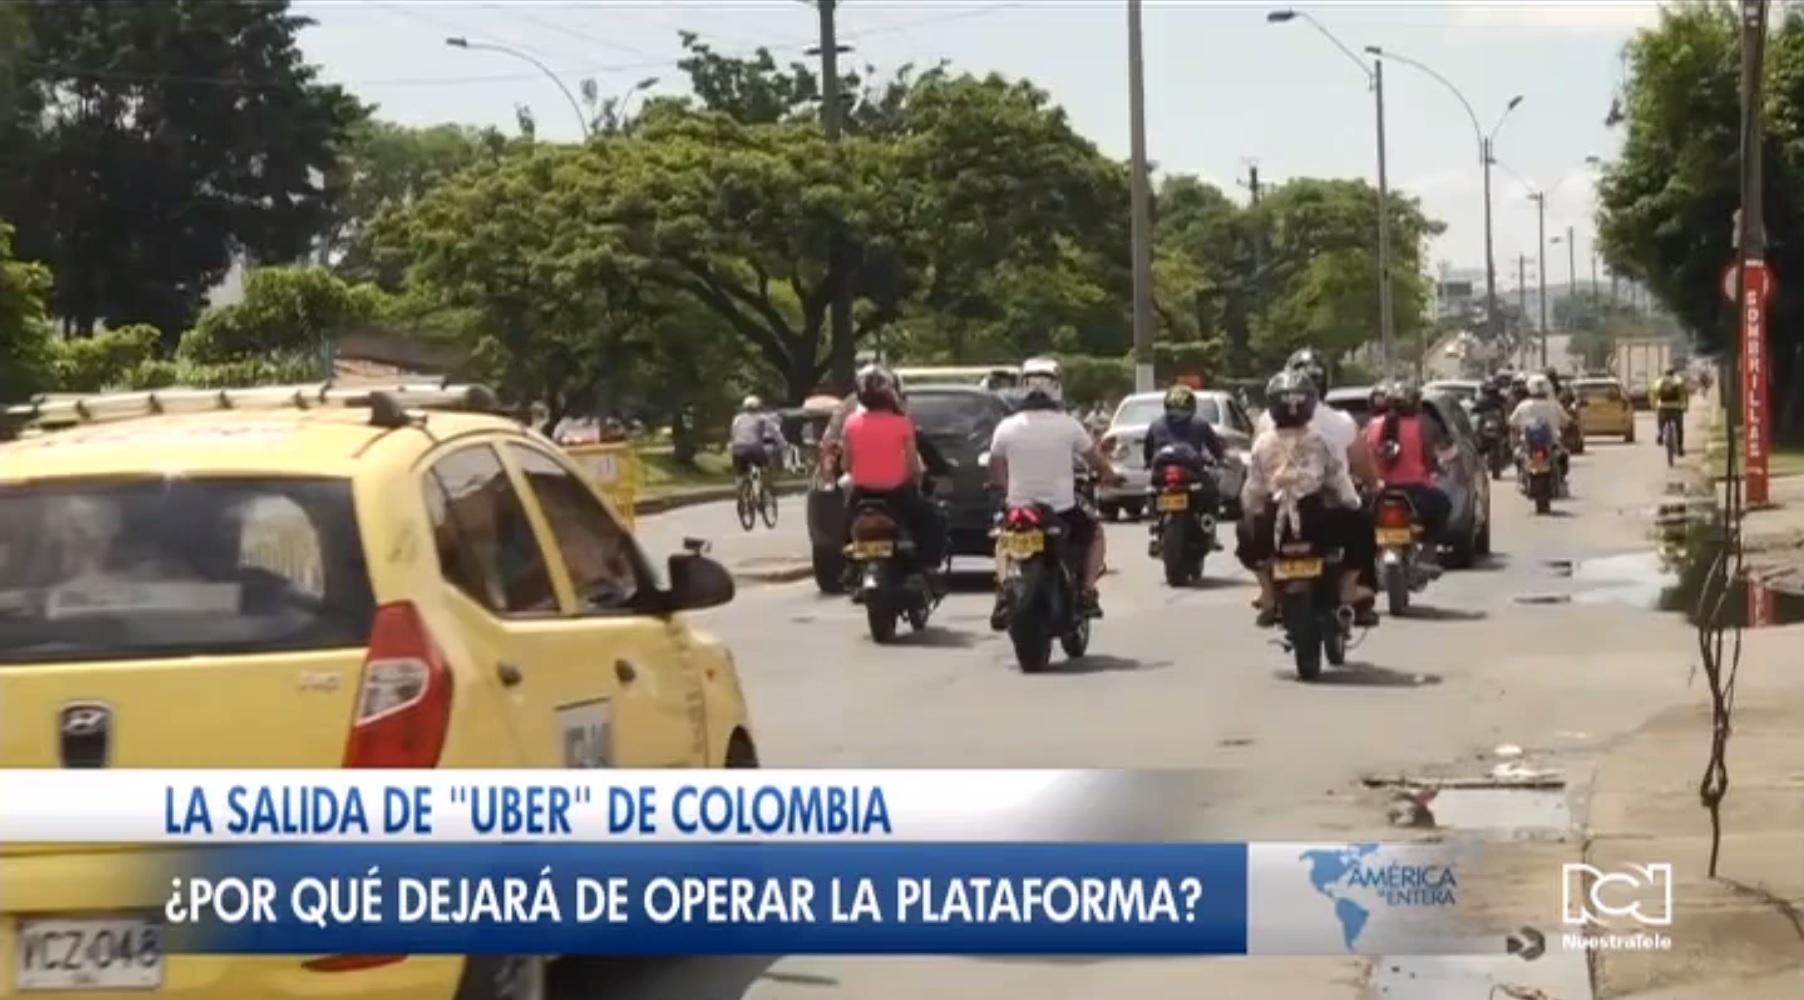 Colombia debatirá la regulación de plataformas de transporte